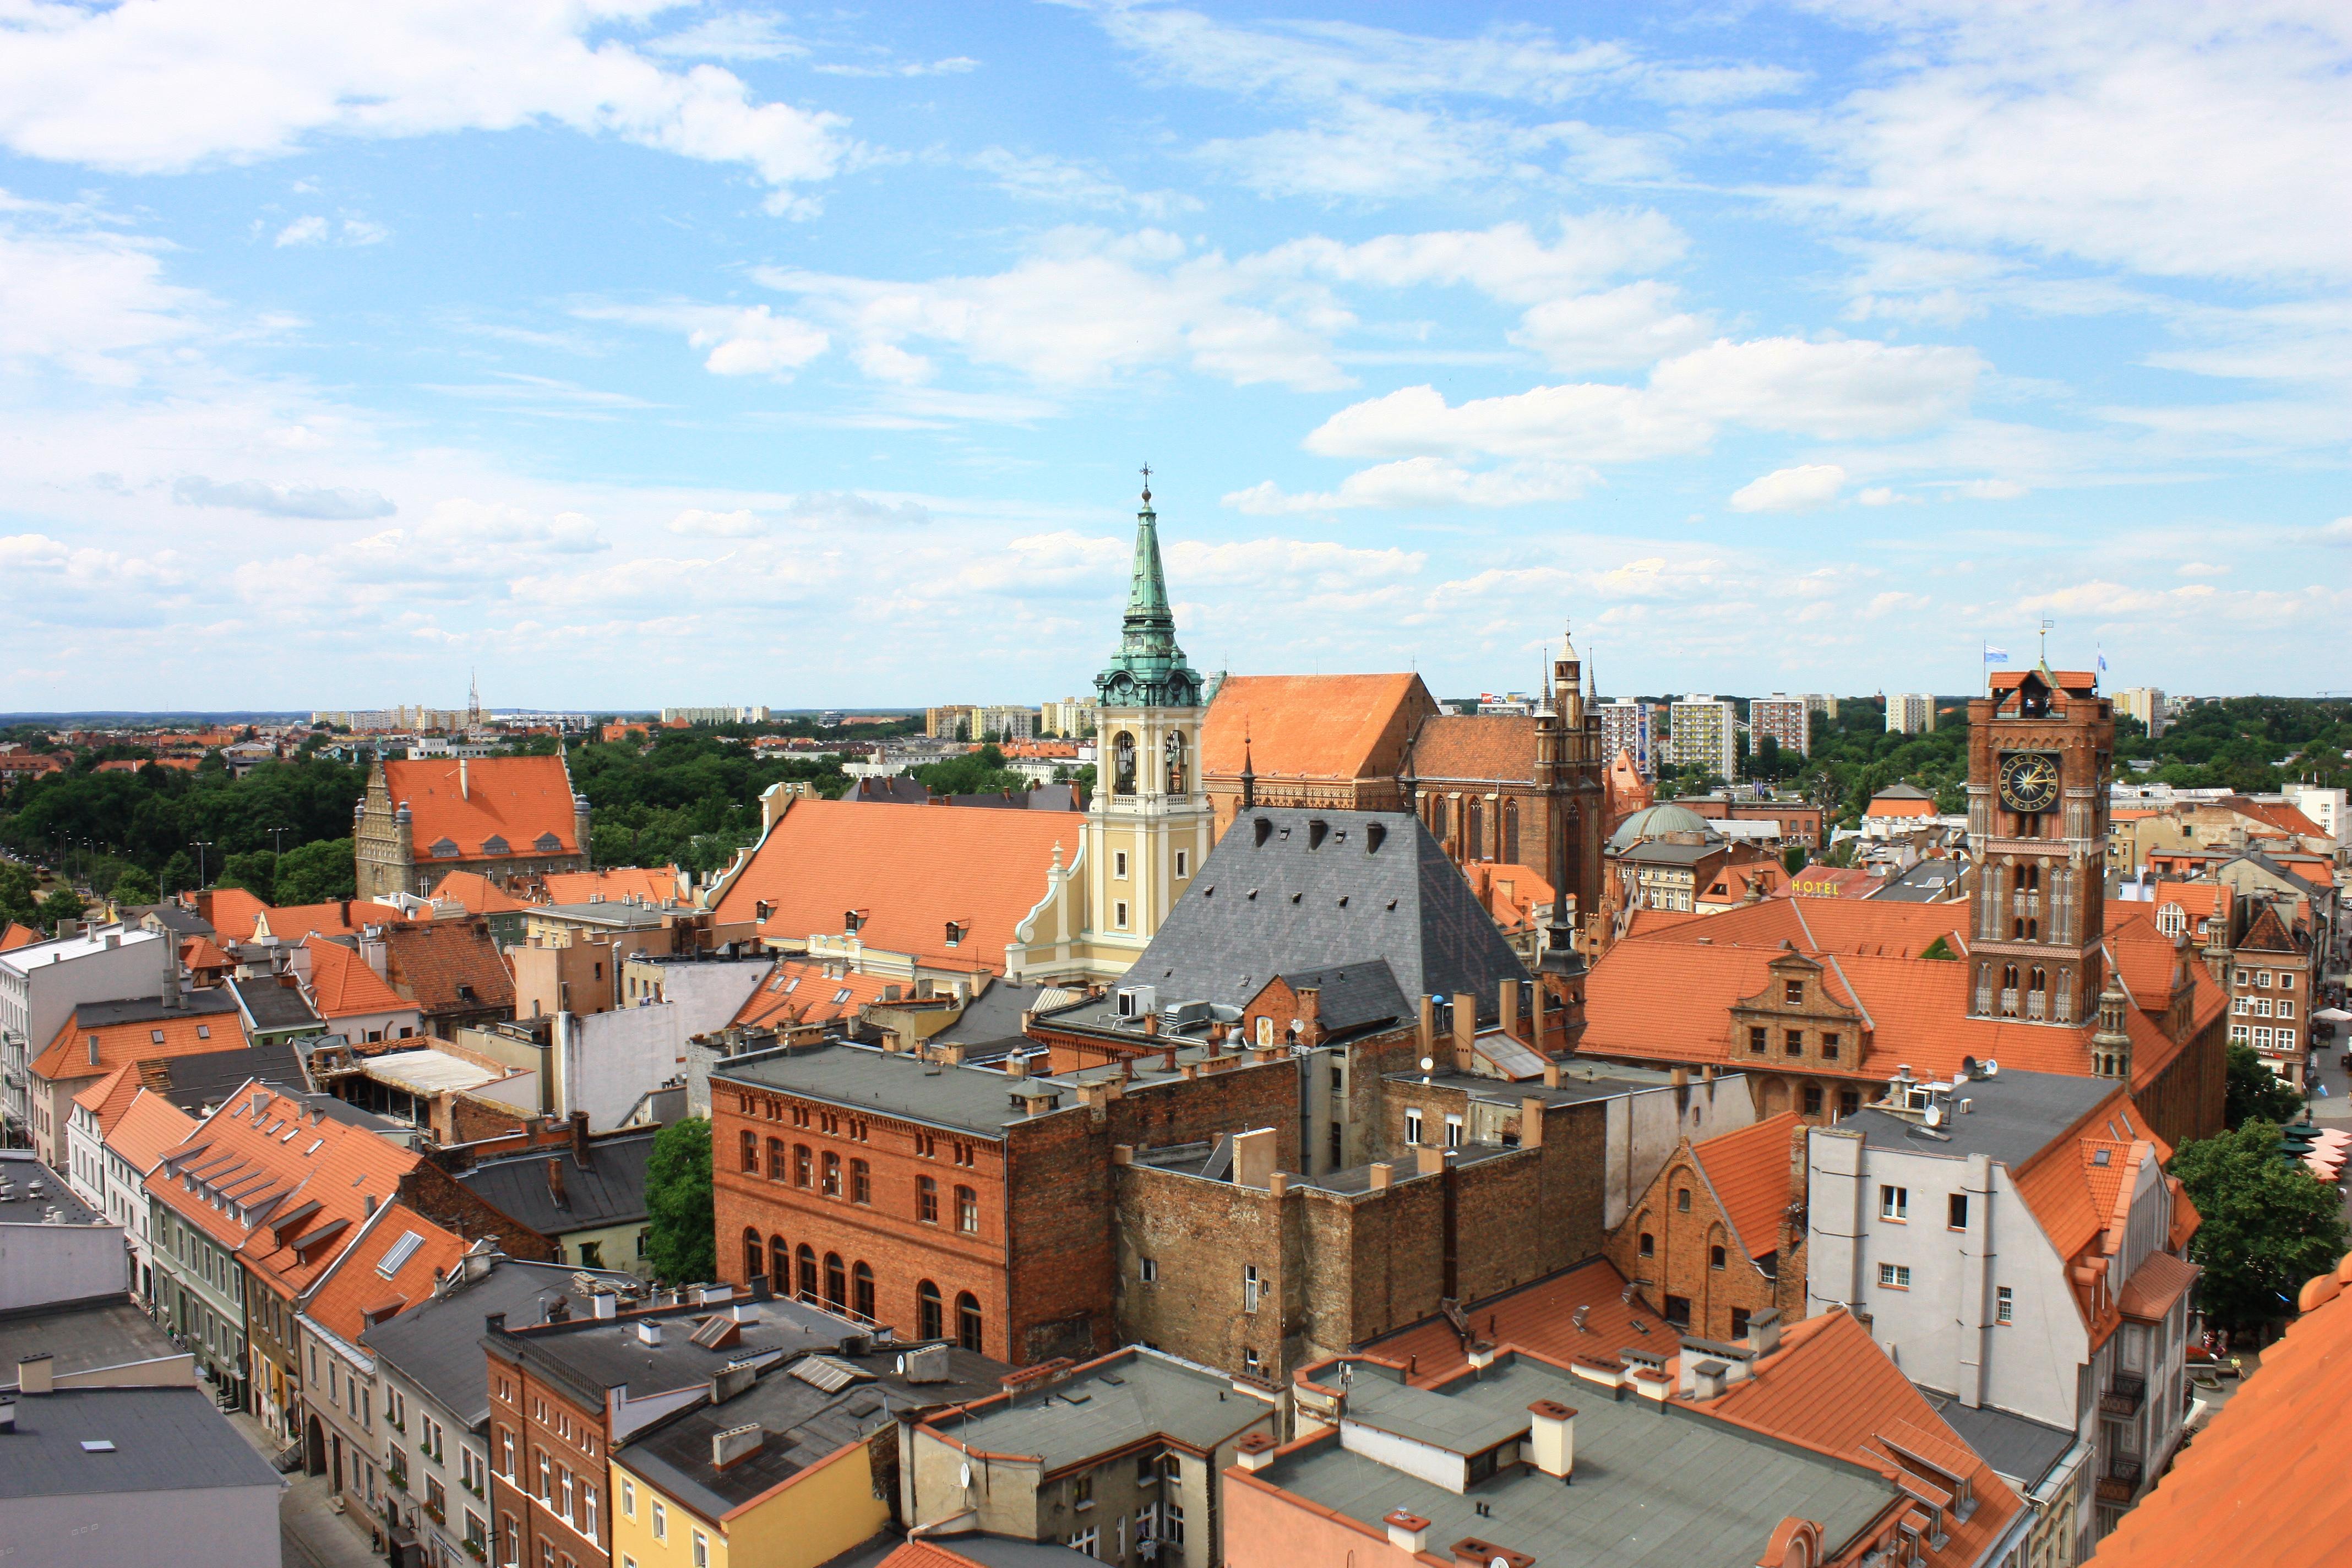 602945 Toruń dzielnica Starego Miasta z kat. J. Chrzciciela 03.JPG